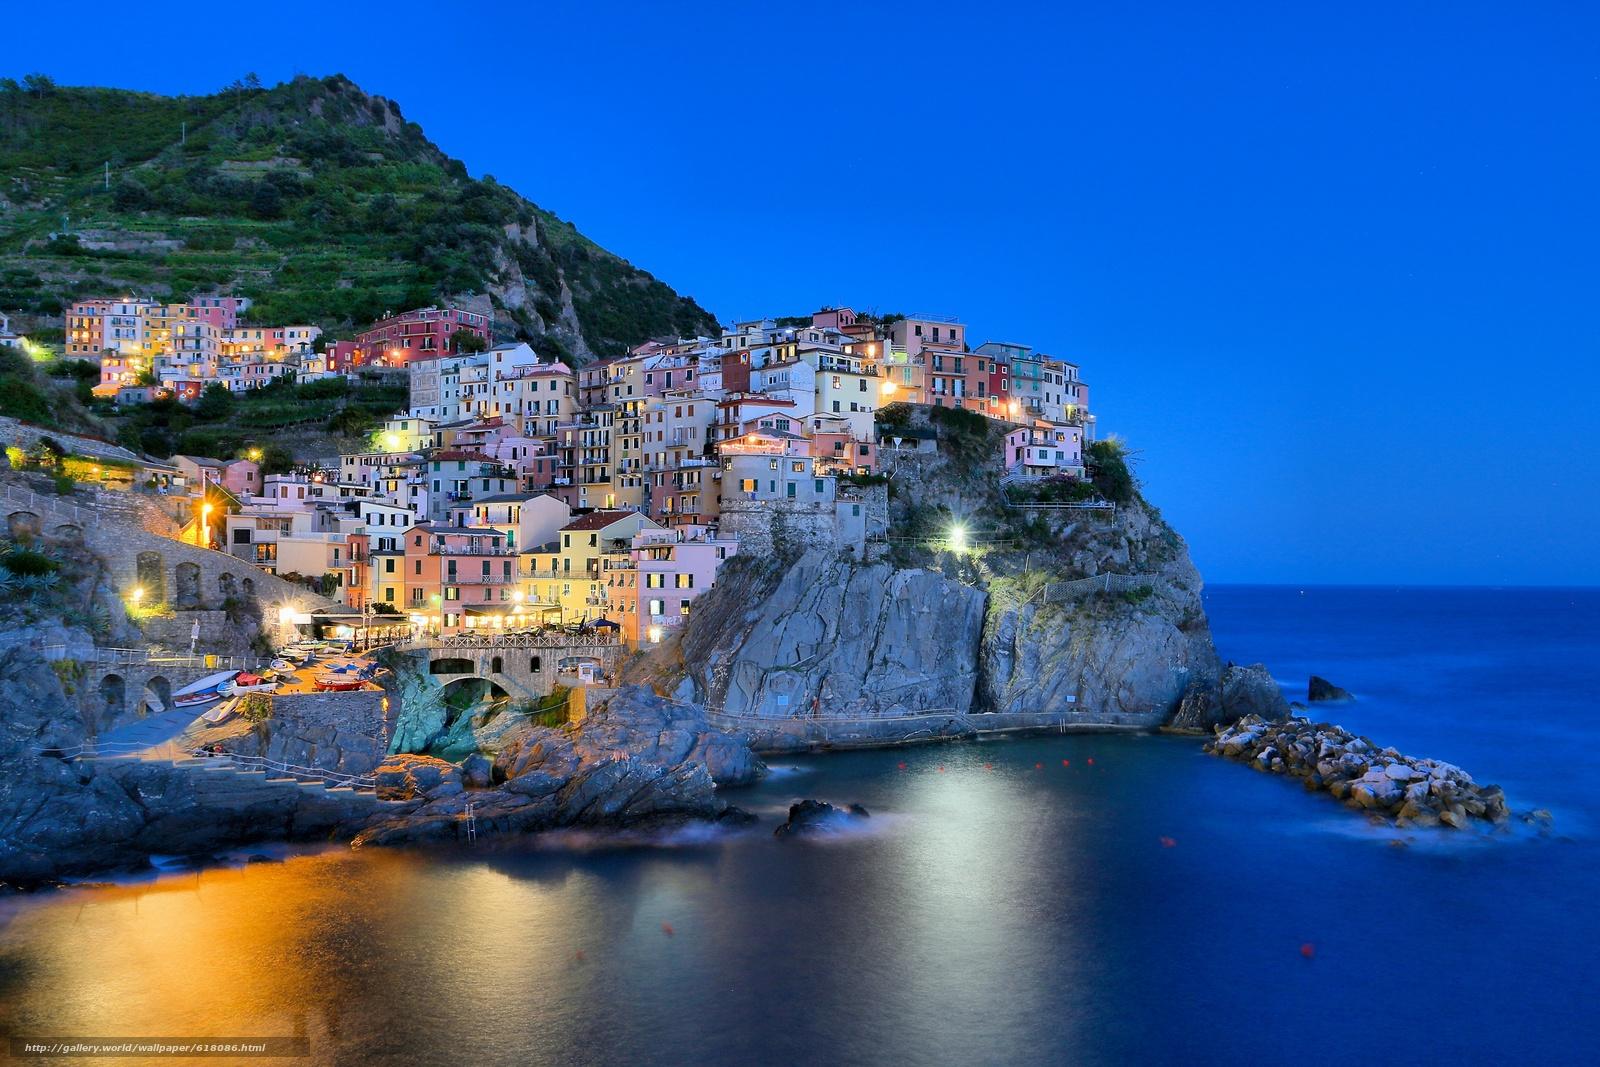 Скачать обои Manarola,  Cinque Terre,  Italy бесплатно для рабочего стола в разрешении 2700x1800 — картинка №618086